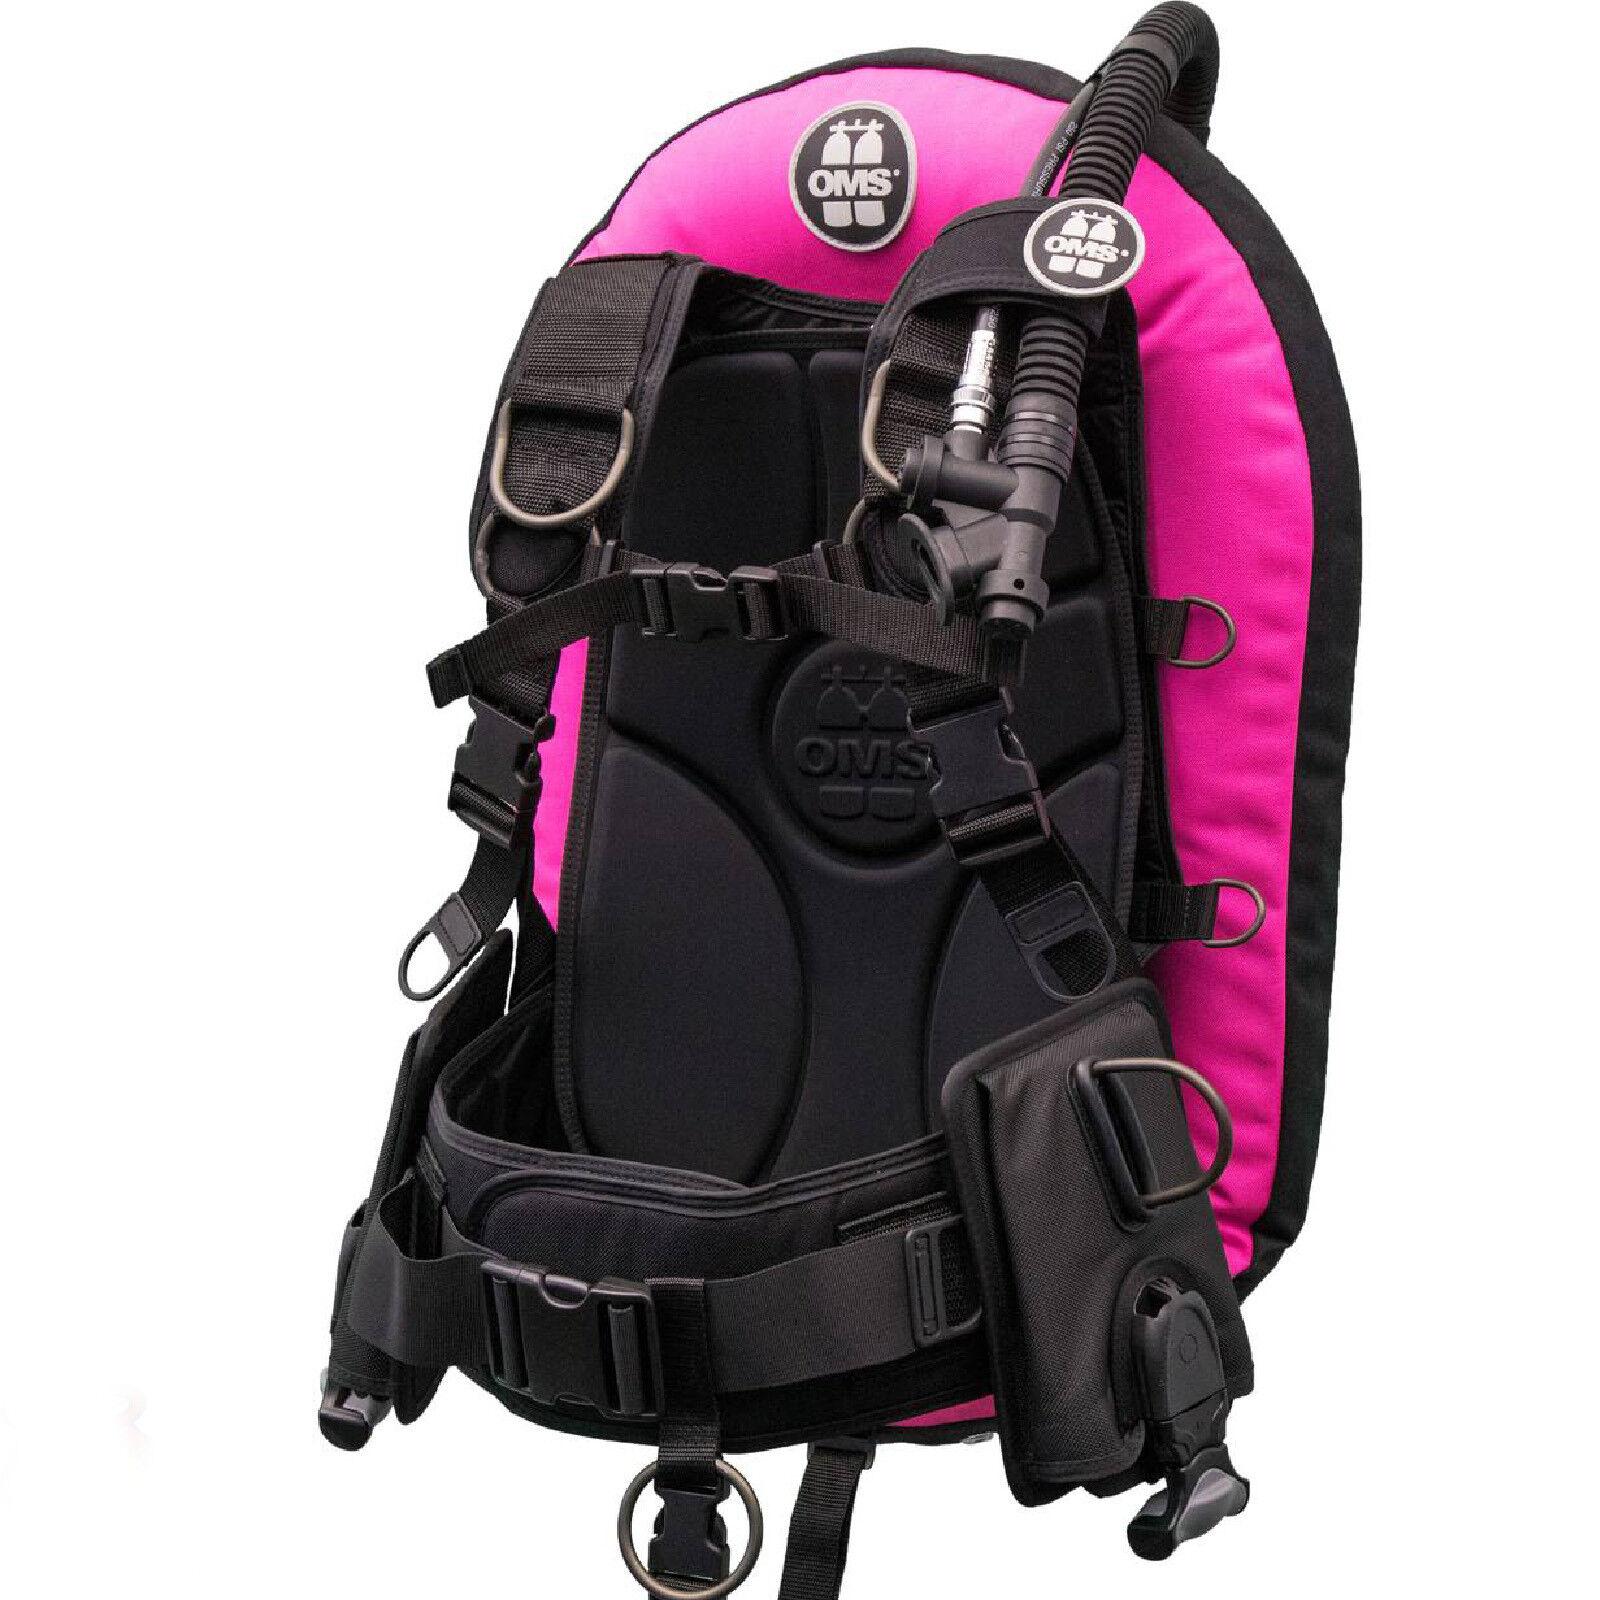 RO1   OMS   JACKET BCD BCD IQ Lite PF Mono 27 lb Dimensione MEDIO   LARGE  rosa rosa